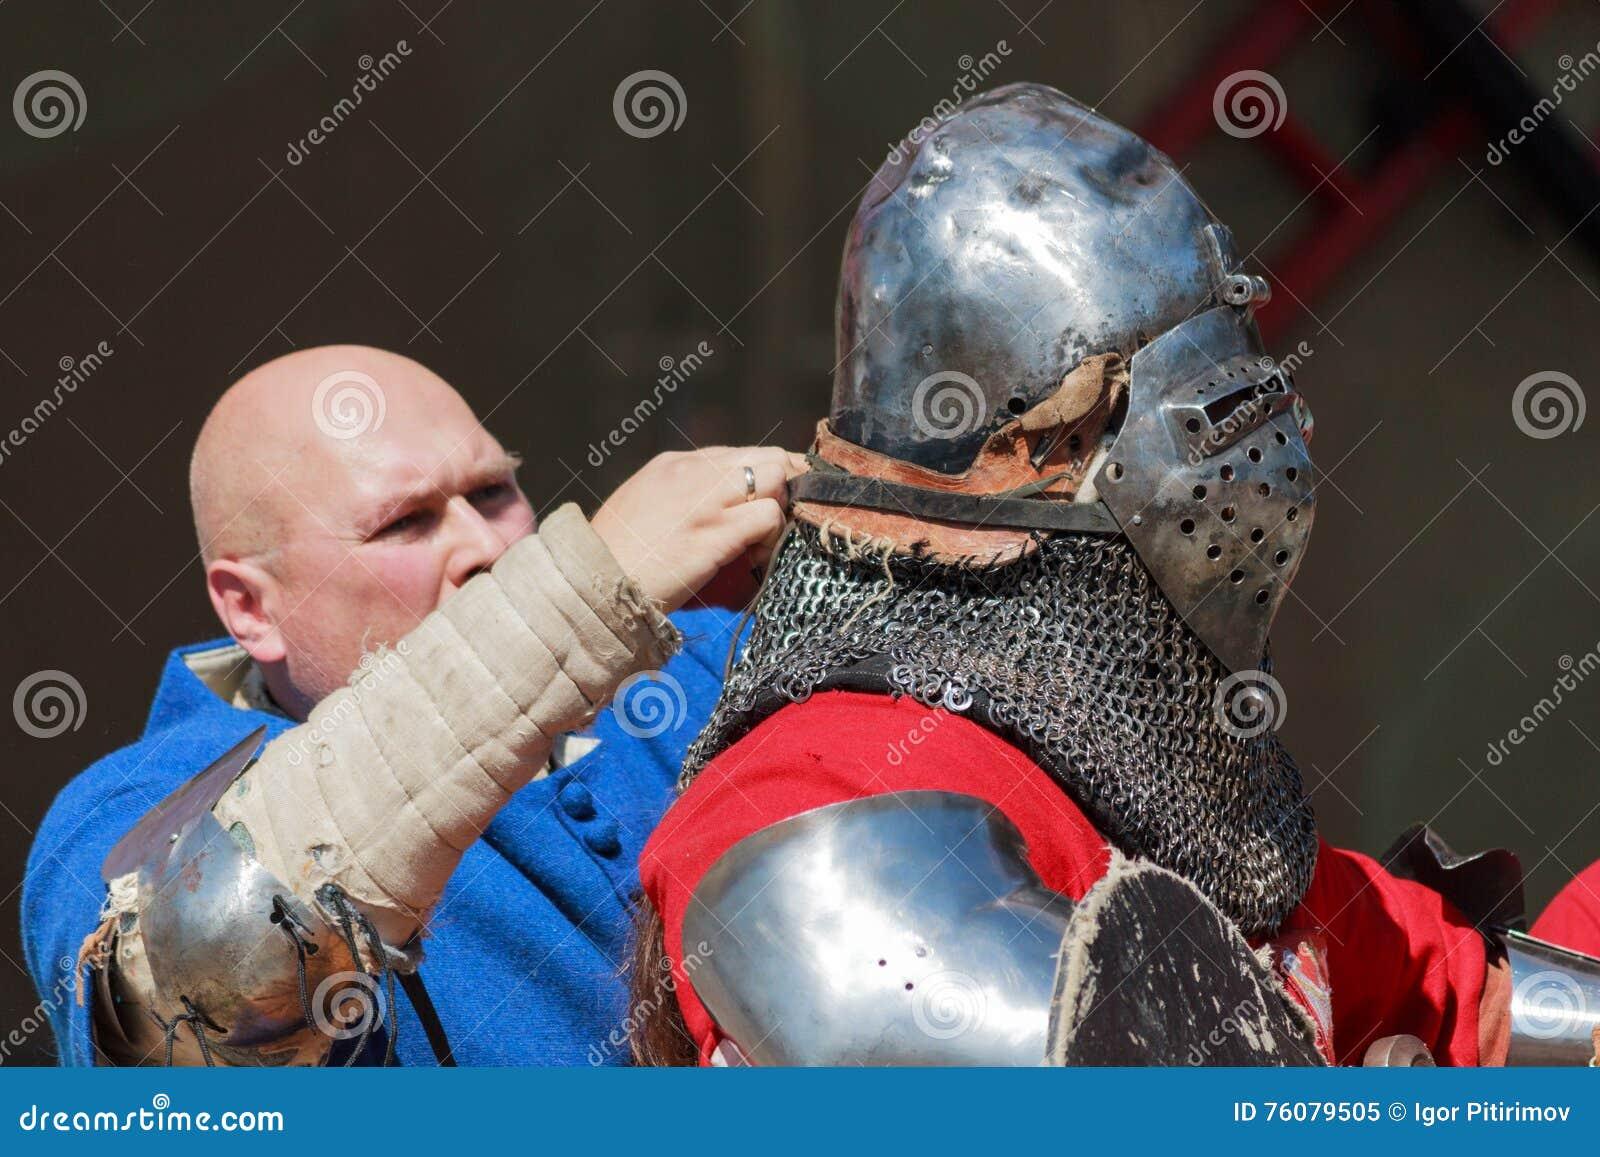 Équipier aidant à mettre dessus le chevalier les armures avant bataille